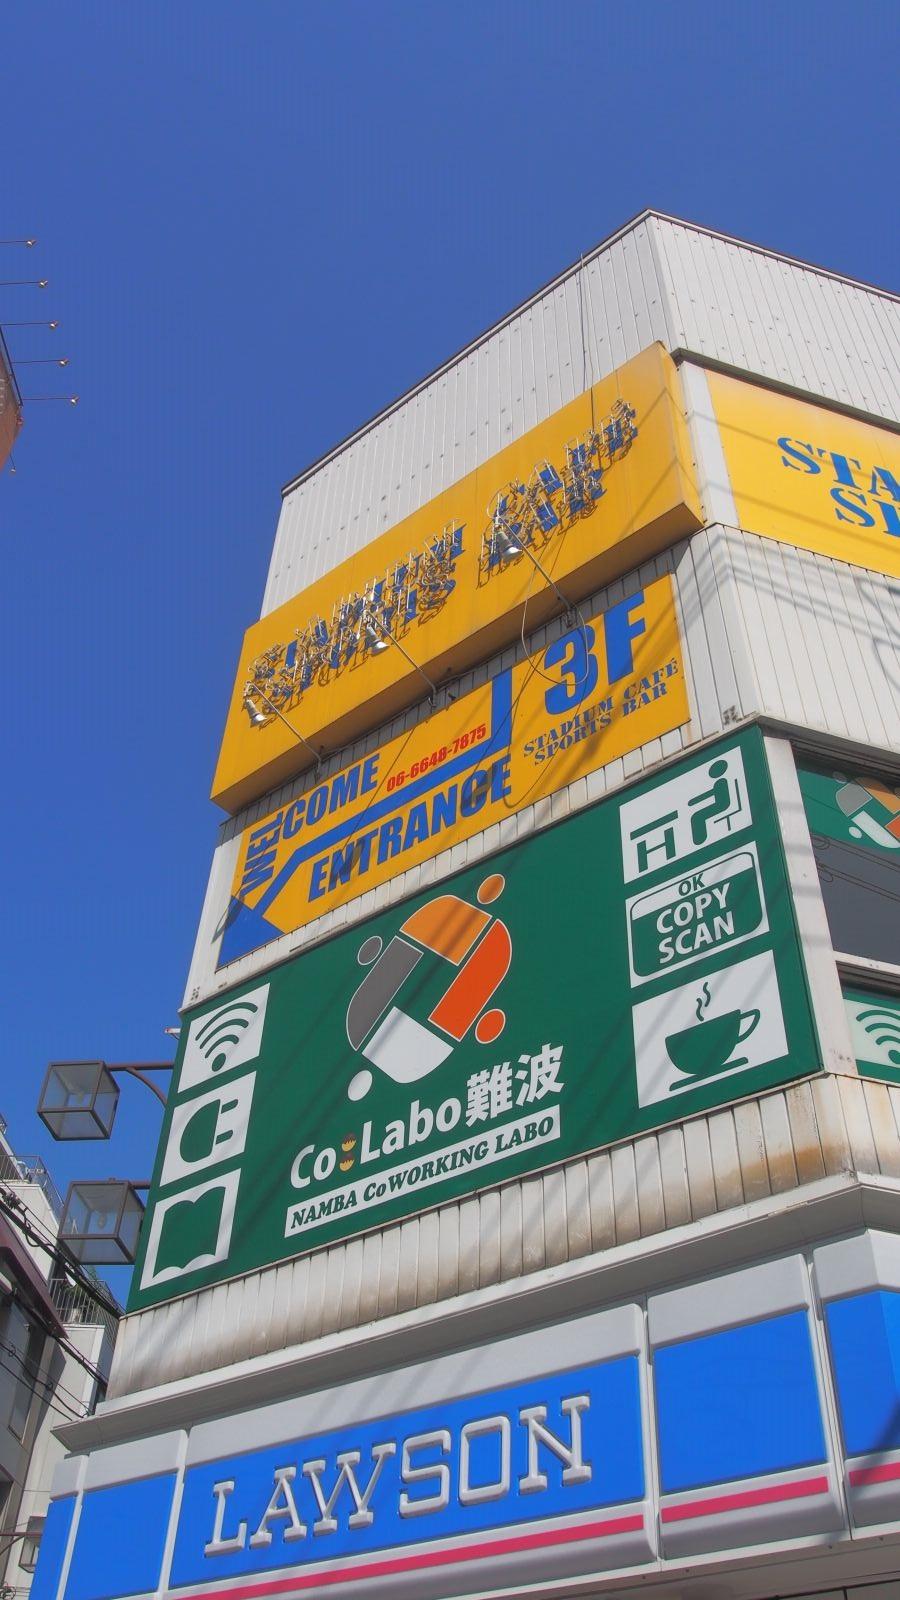 Coworking Labo Co:Labo Namba, Osaka